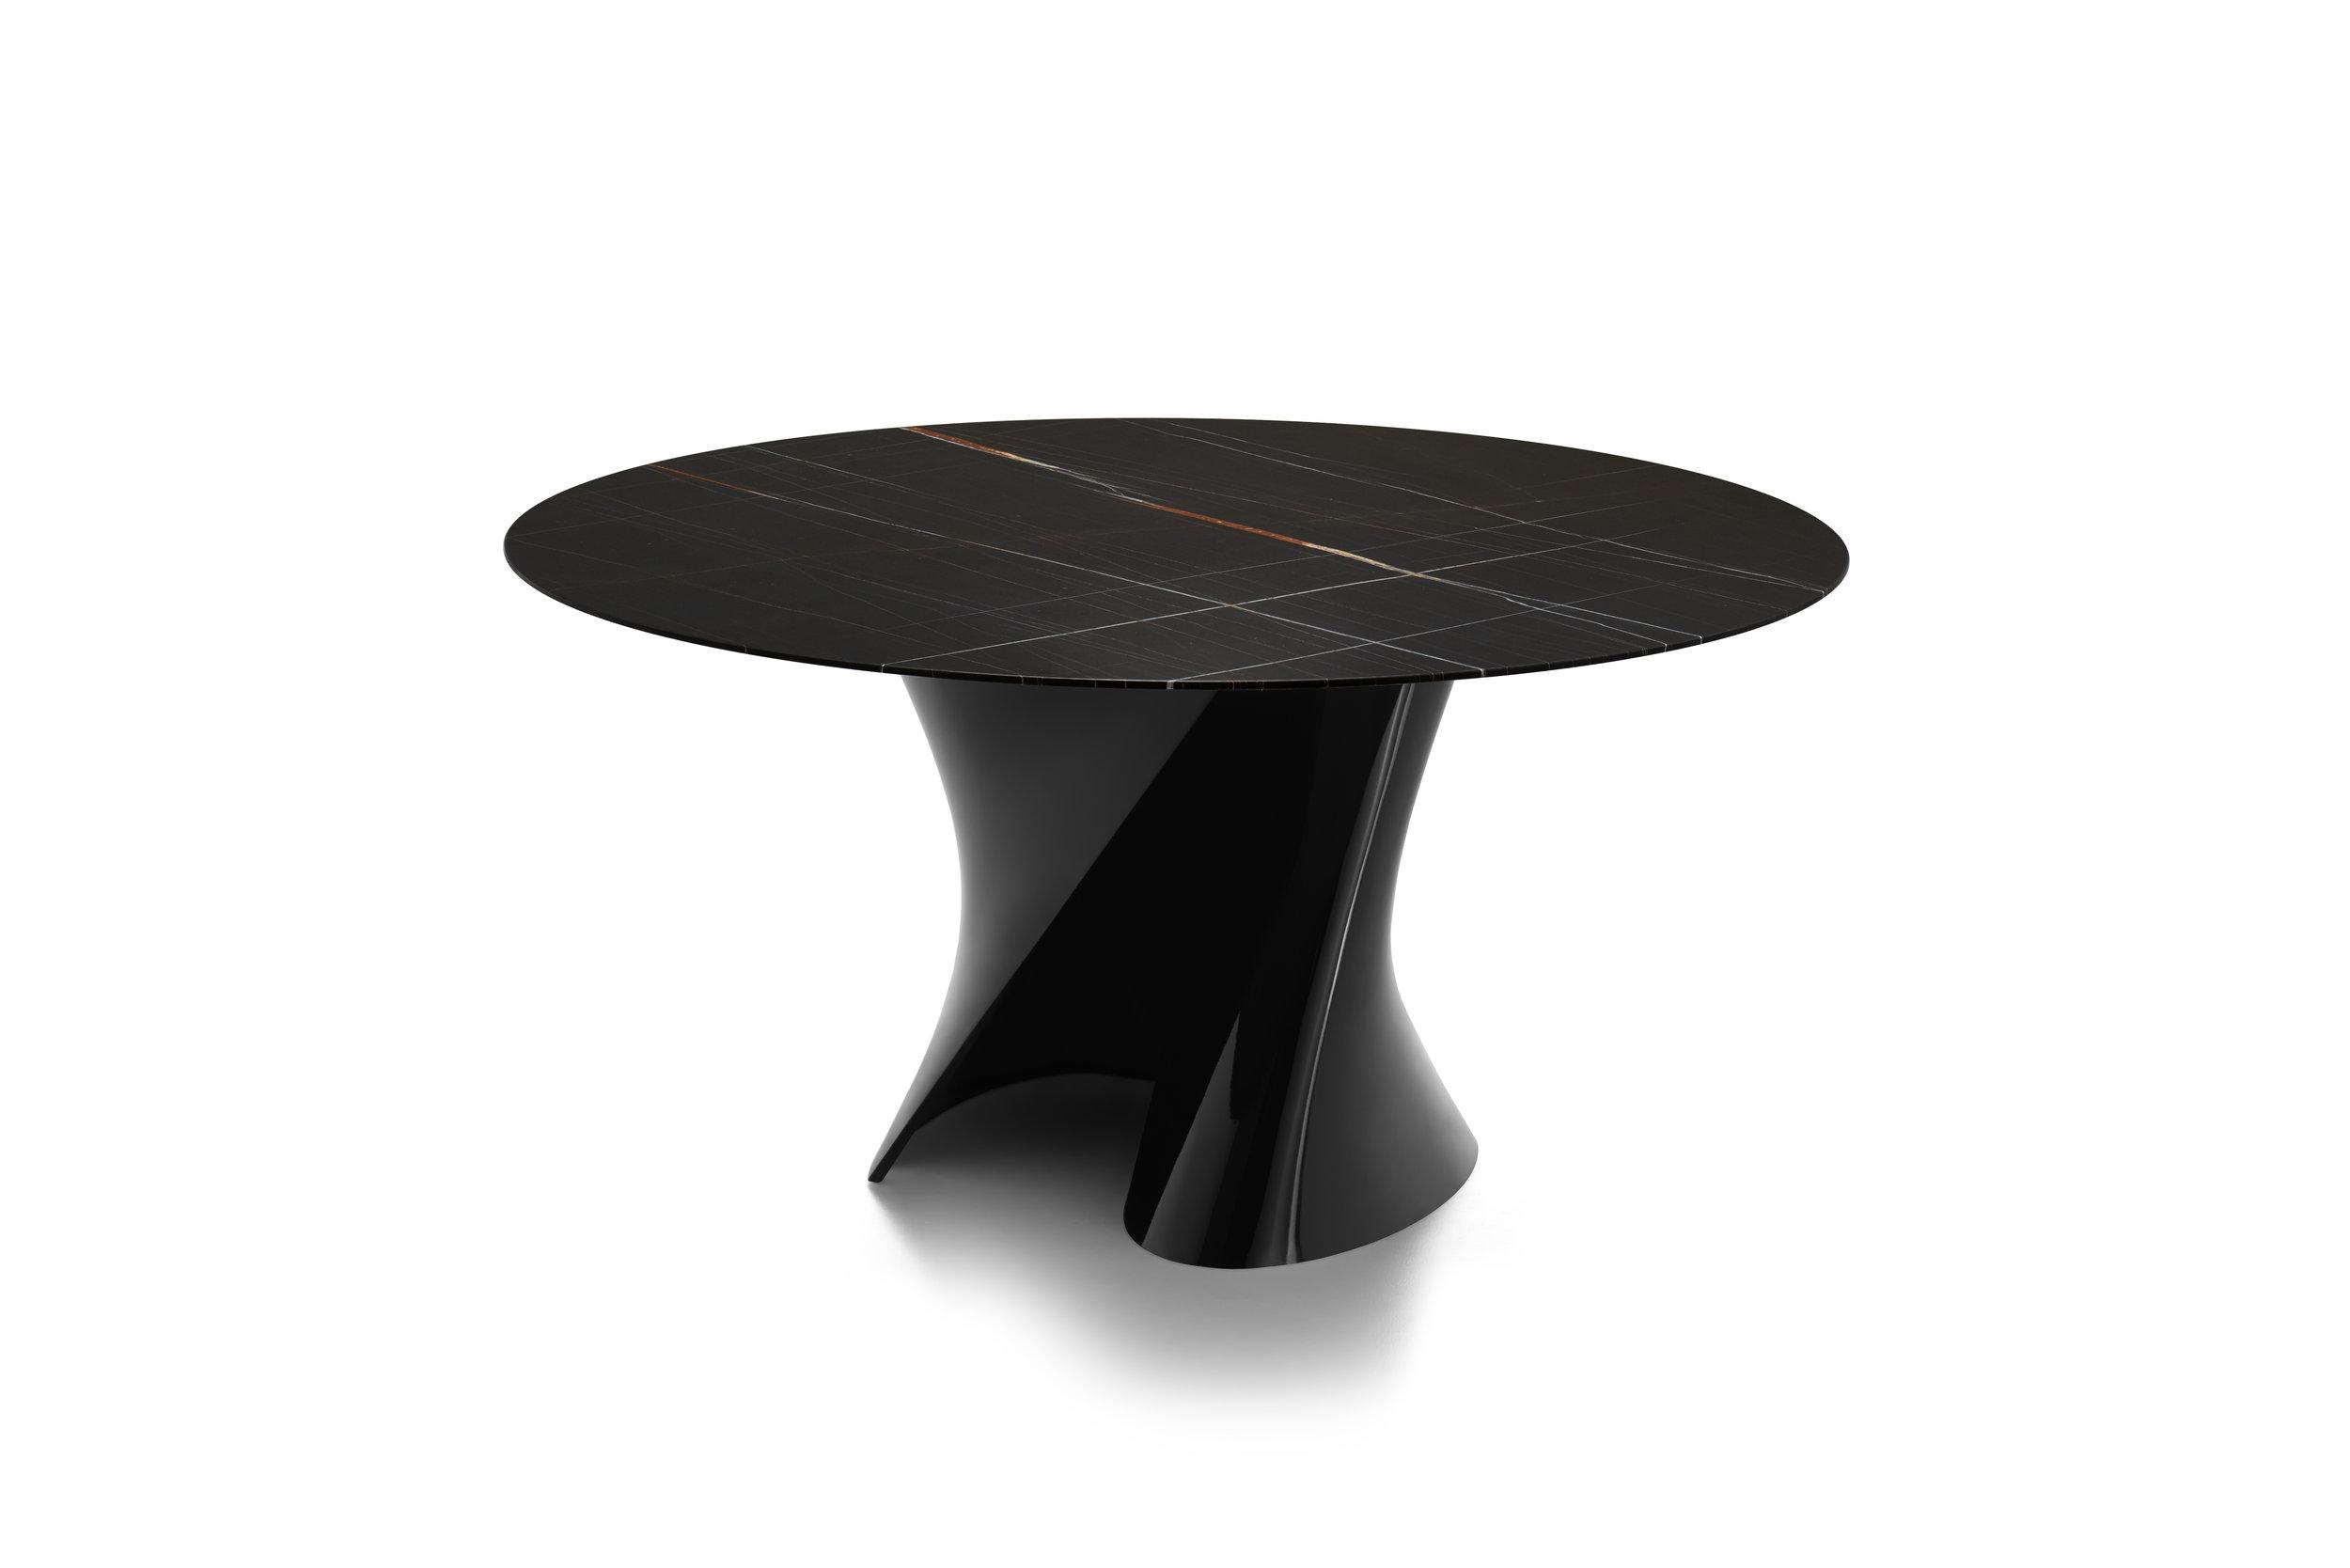 S Table Black Xavier Lust MDF Italia meubelwinkel verdeler winkel design tafel Loncin Interieur Leuven Hasselt Mechelen Brussels Bruxelles Antwerpen Gent 2.jpg